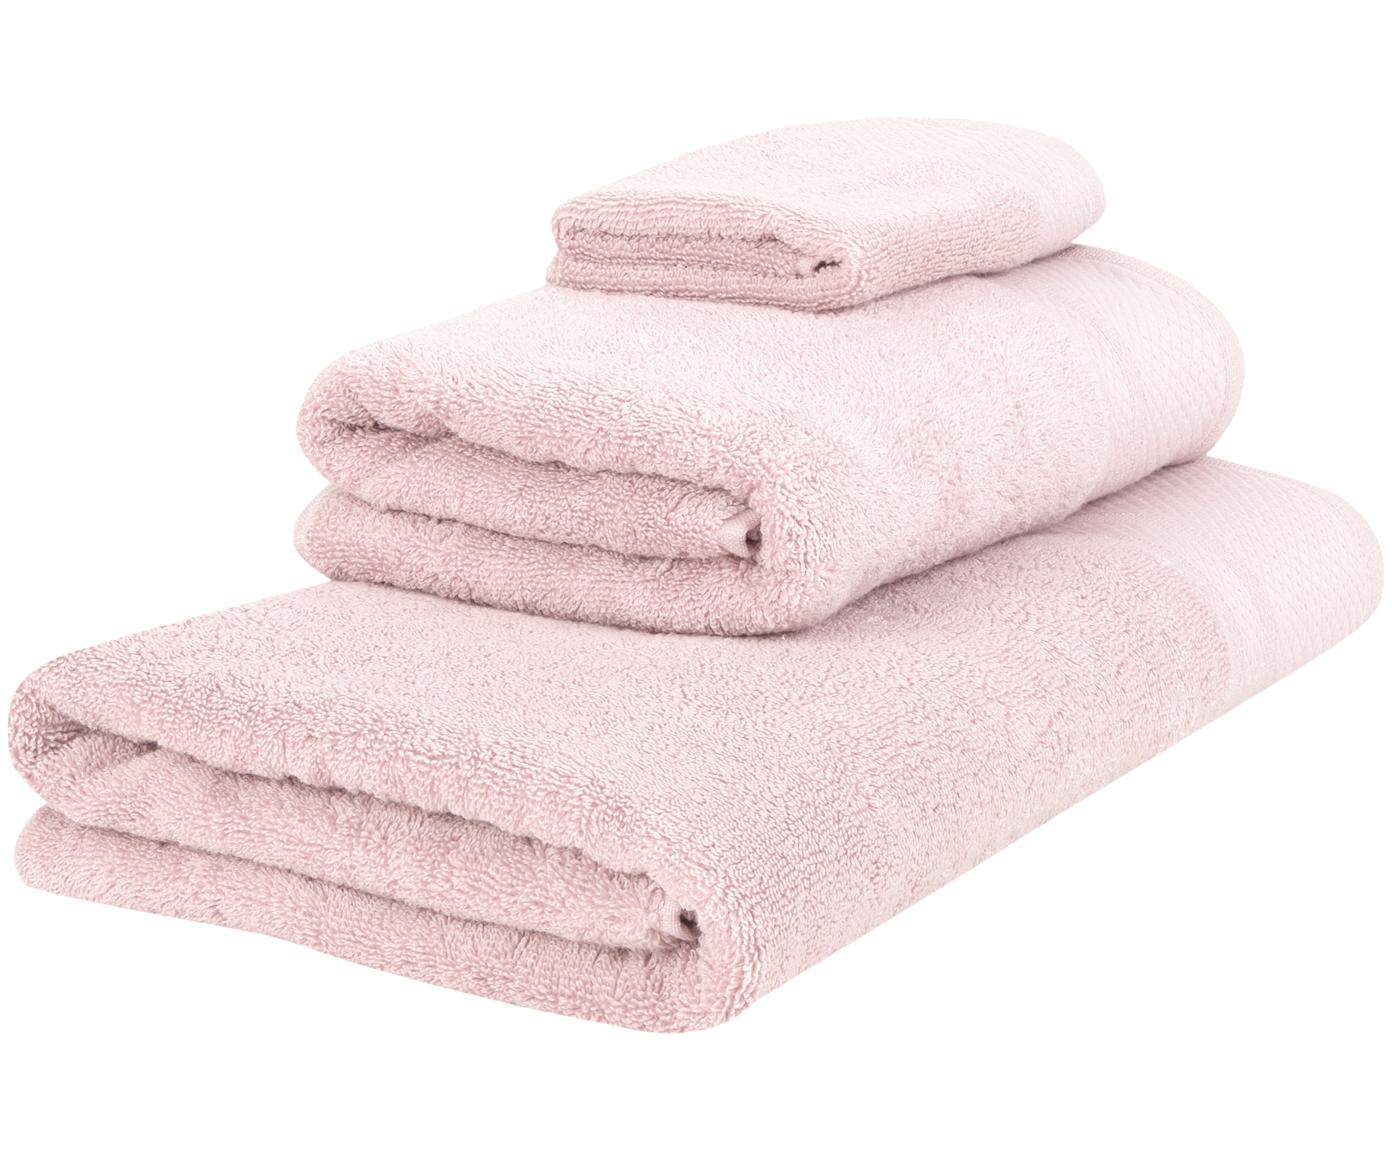 Komplet ręczników Premium, 3 elem., 100% bawełna, Wysoka gramatura 600 g/m², Brudny różowy, Różne rozmiary